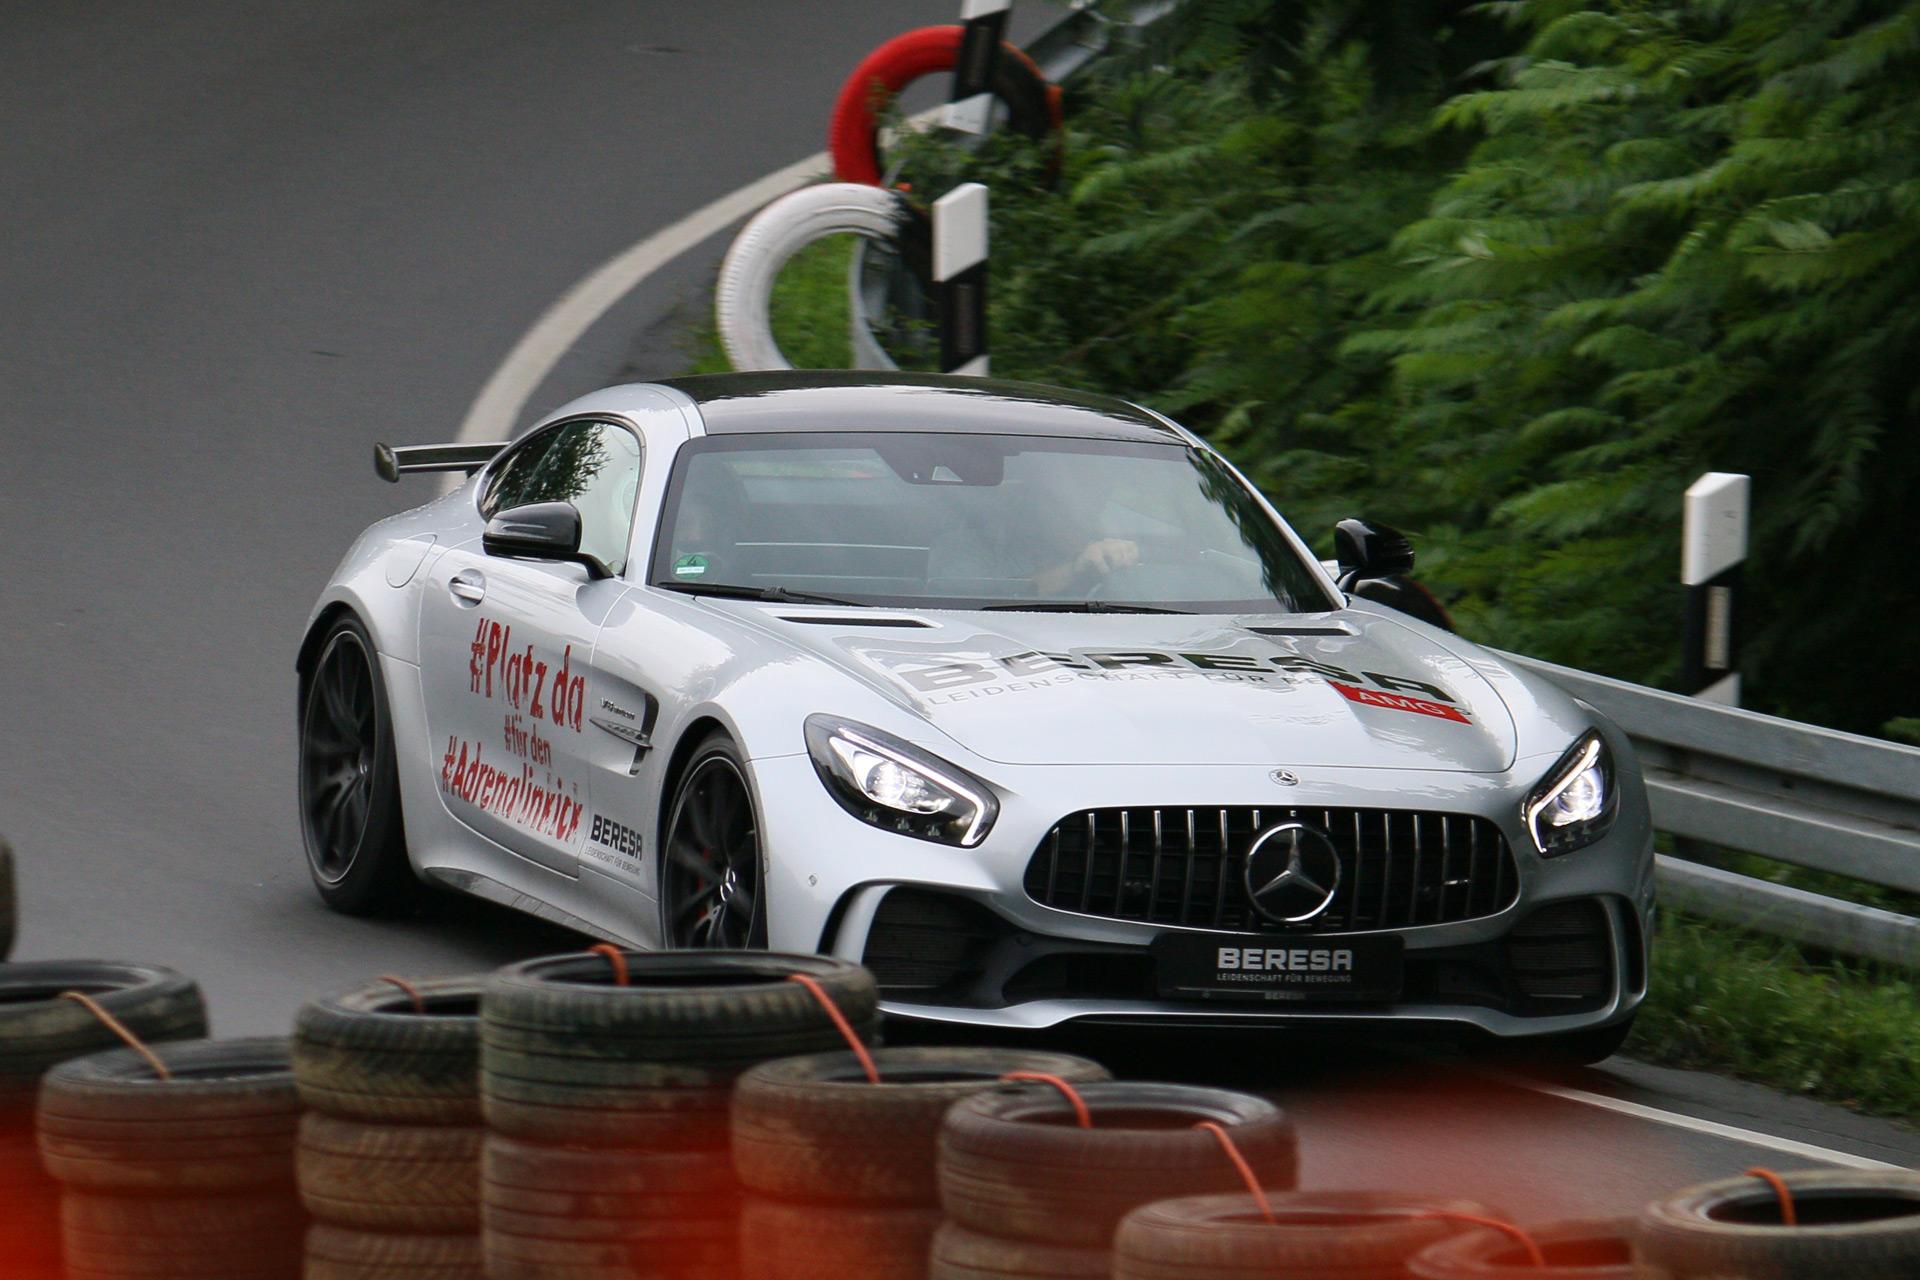 Der Mercedes-AMG GT (interne Bezeichnung C 190) ist ein Gran-Turismo. Der Sportwagen von Mercedes-Benz wurde als Coupé am 9. September 2014 erstmals vorgestellt und ist im Frühjahr 2015 in zwei Leistungsstufen auf den Markt gekommen.